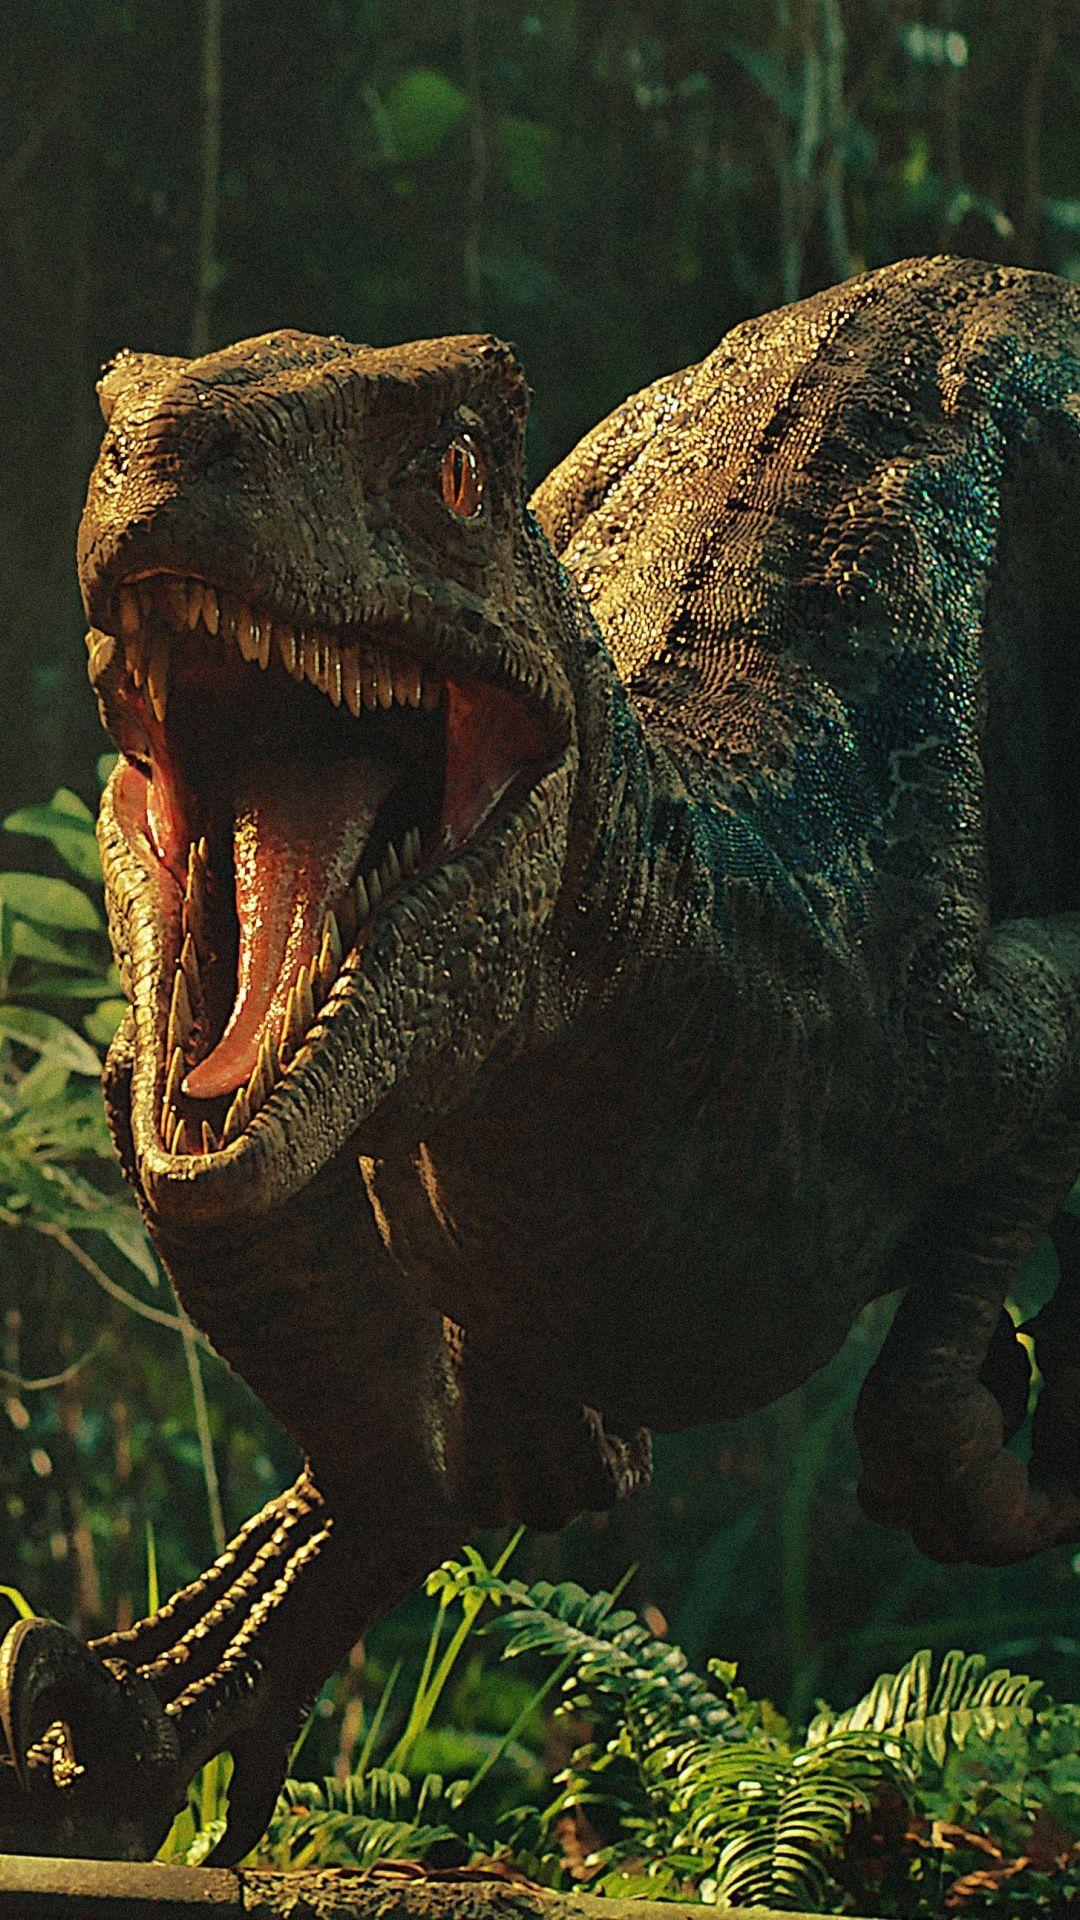 Jurassic World dinosaur Jurassic world wallpaper, Blue